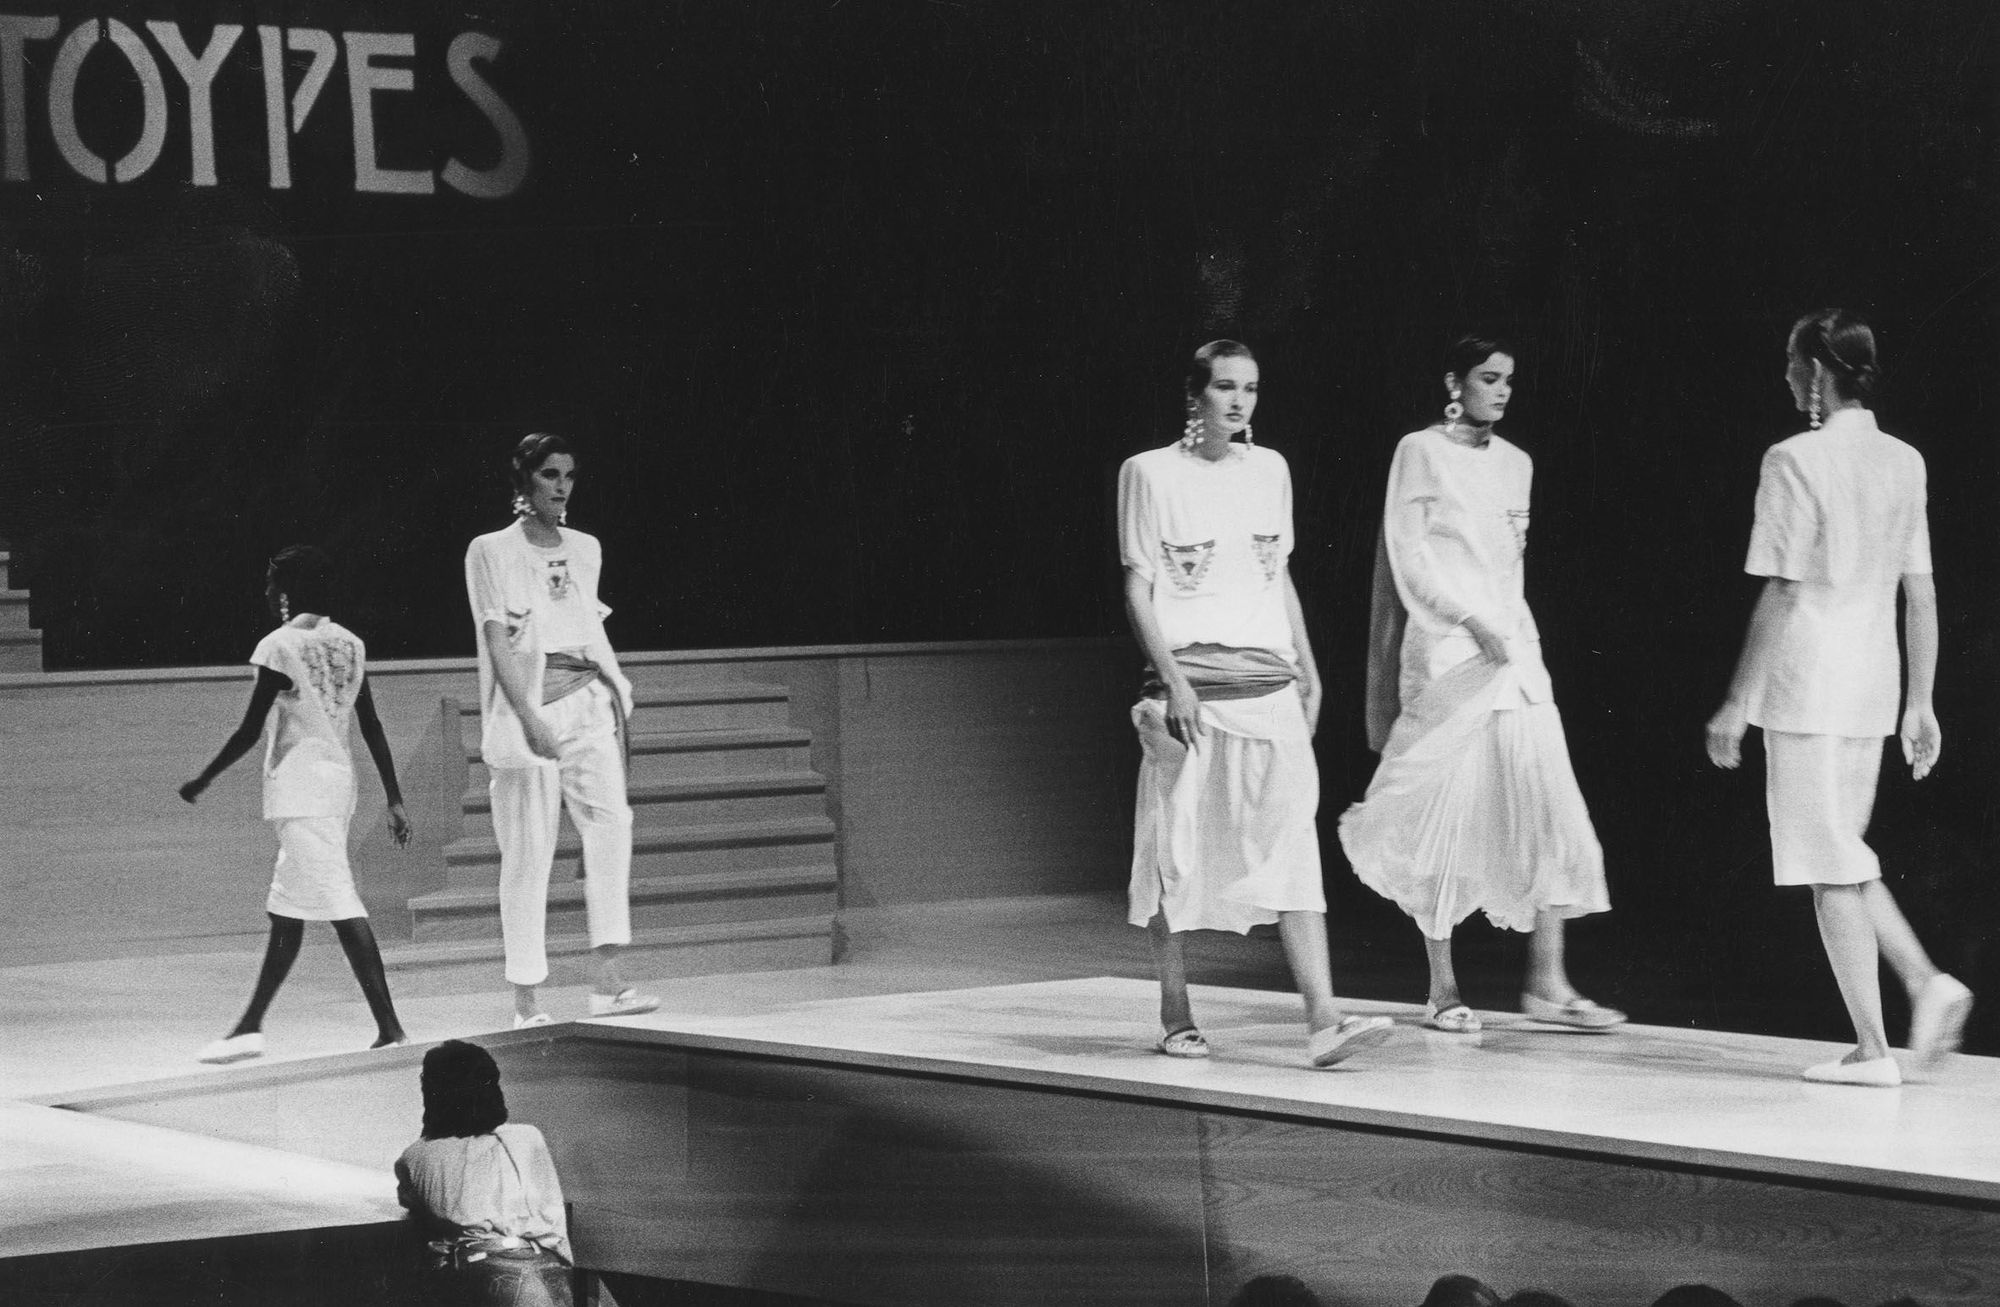 desfile de moda gallega Luada ropa de toypes magar.jpg